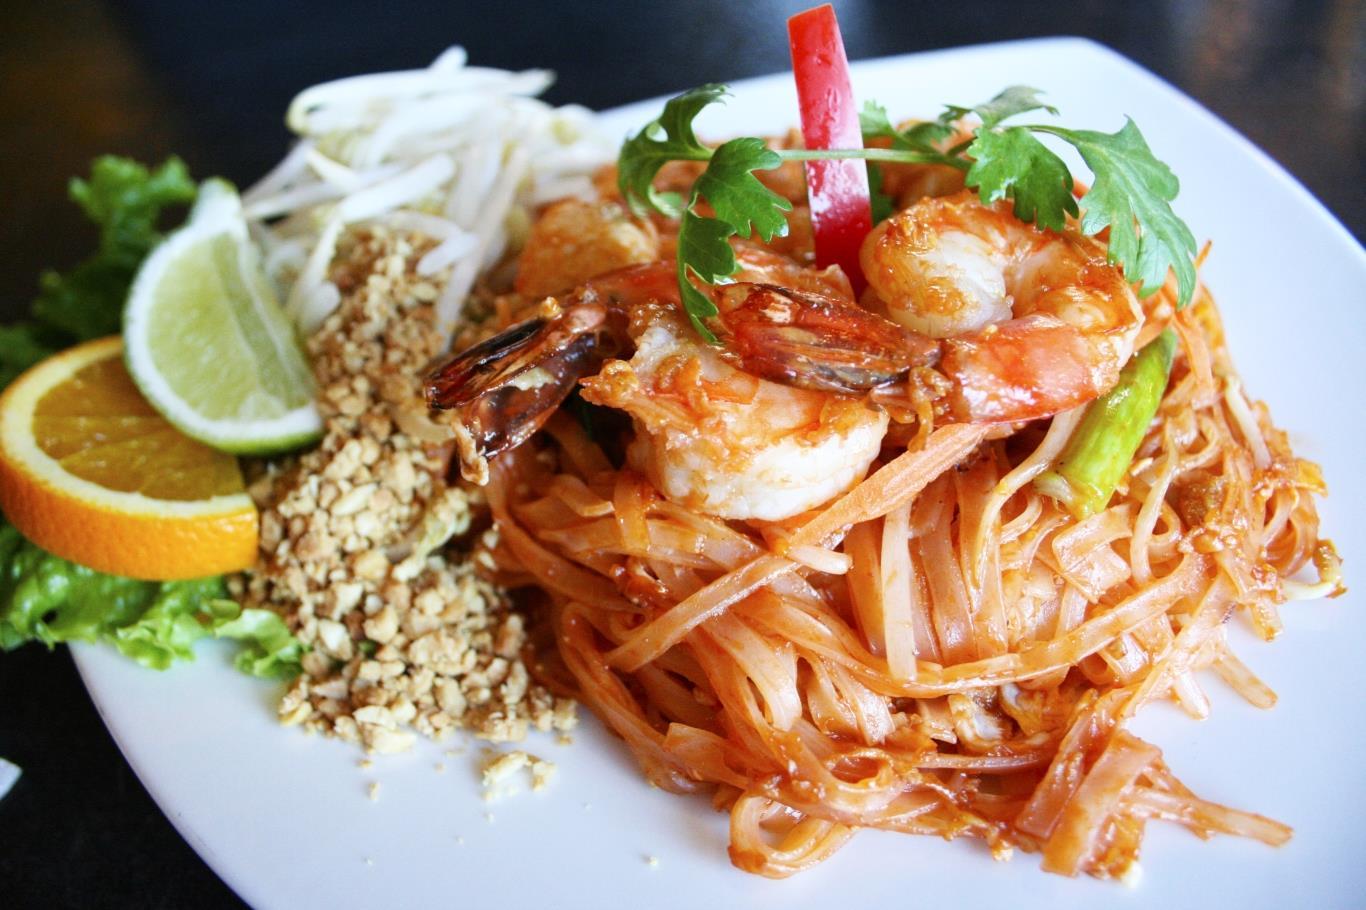 Món ăn nổi tiếng của Thái Lan này gồm mì gạo chiên giòn cùng trứng, đậu phụ, me, nước mắm, tôm, ớt, đường và chanh.